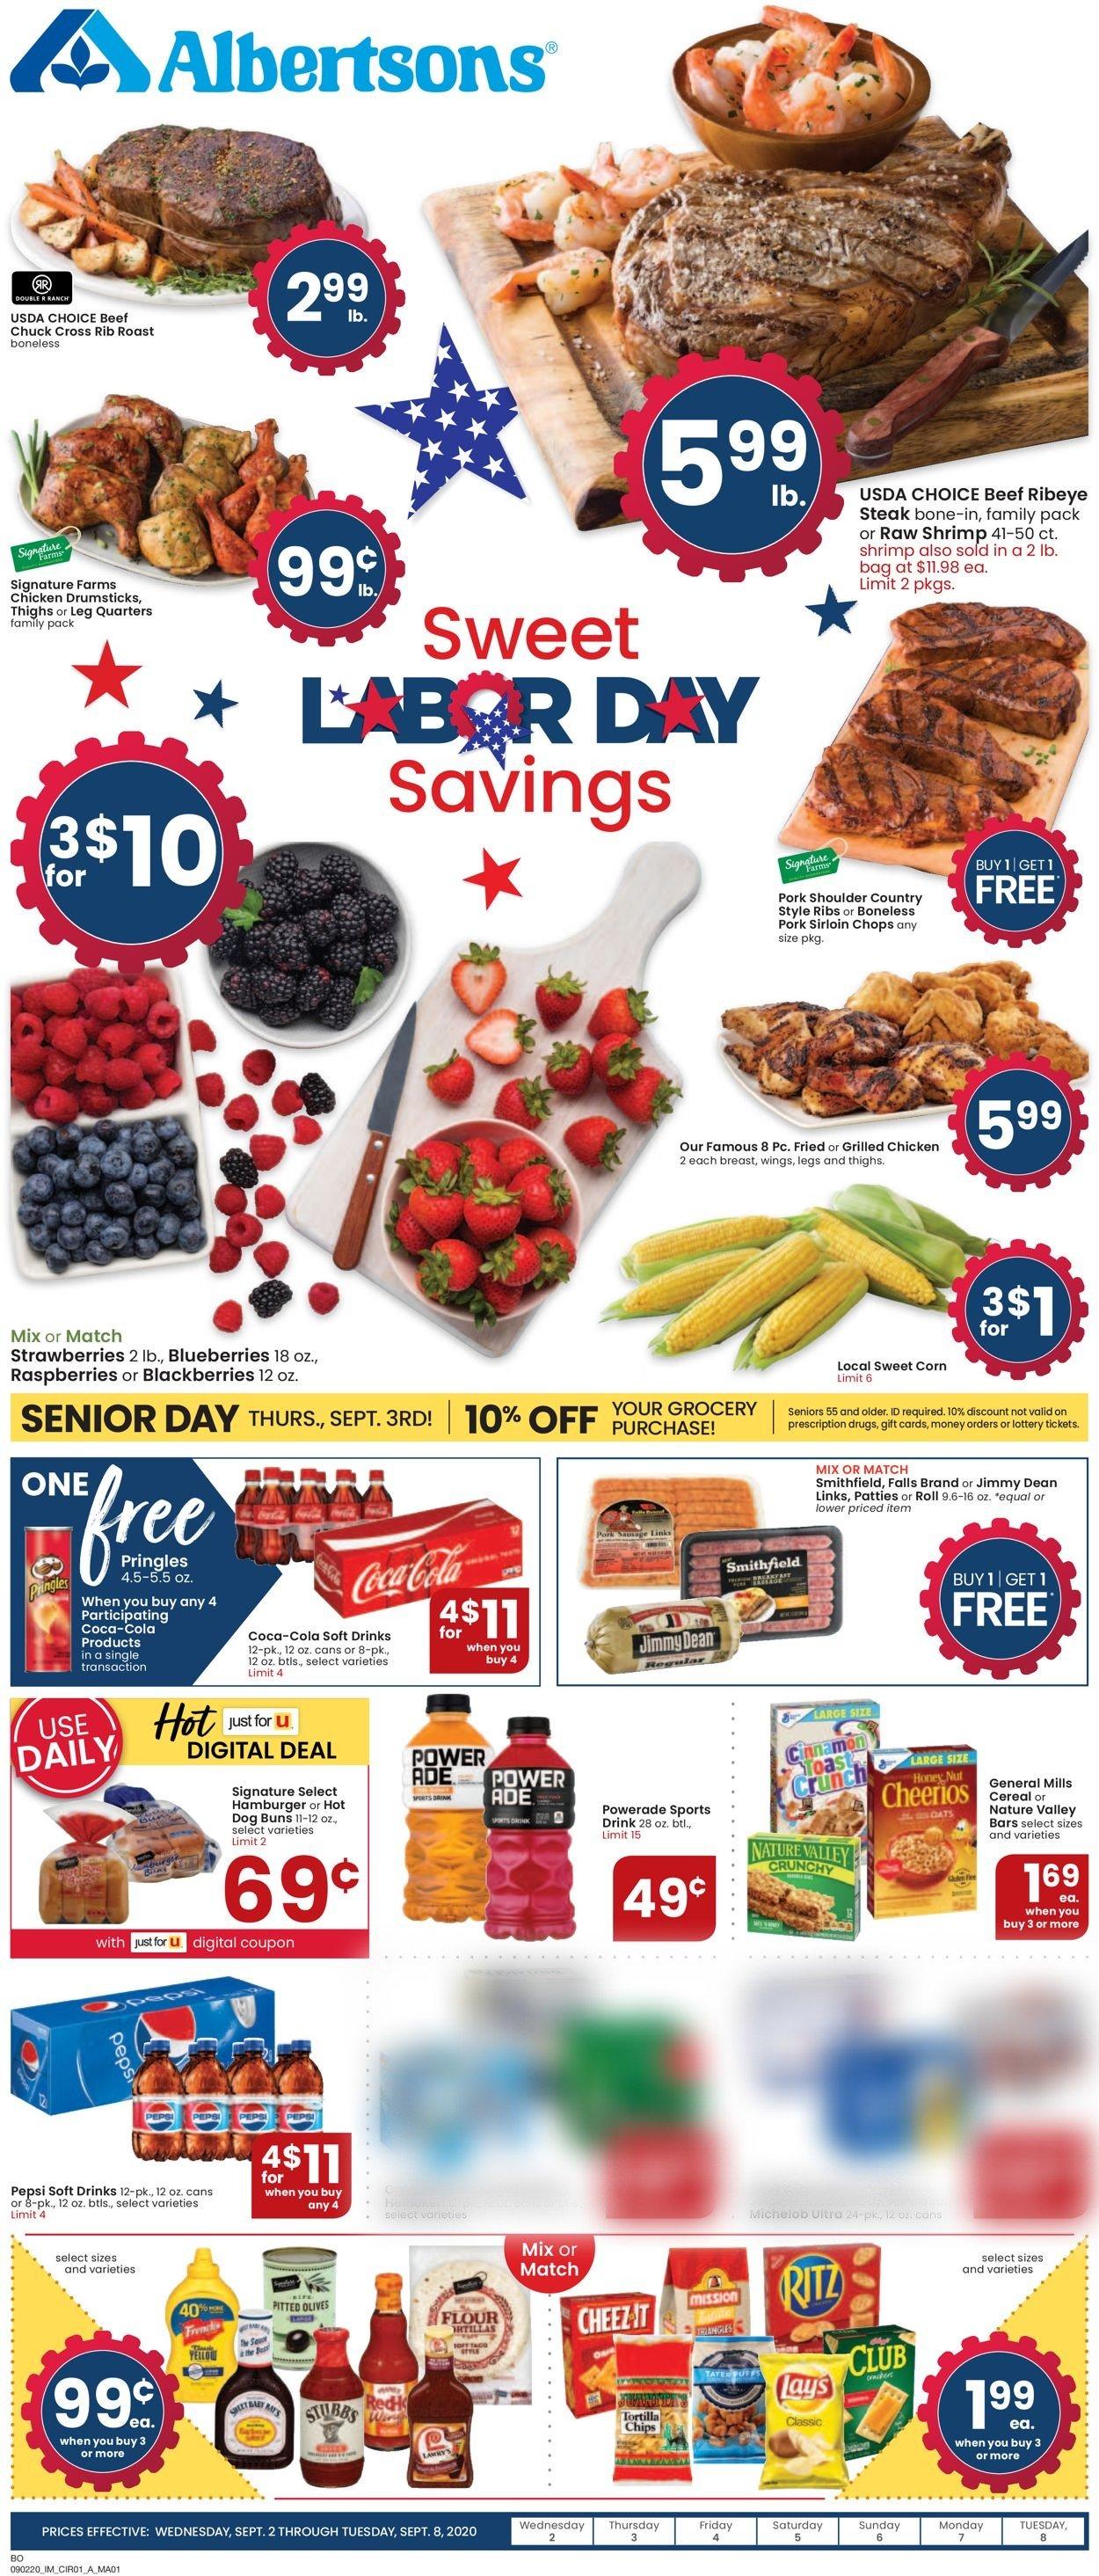 Albertsons Weekly Ad Circular - valid 09/02-09/08/2020